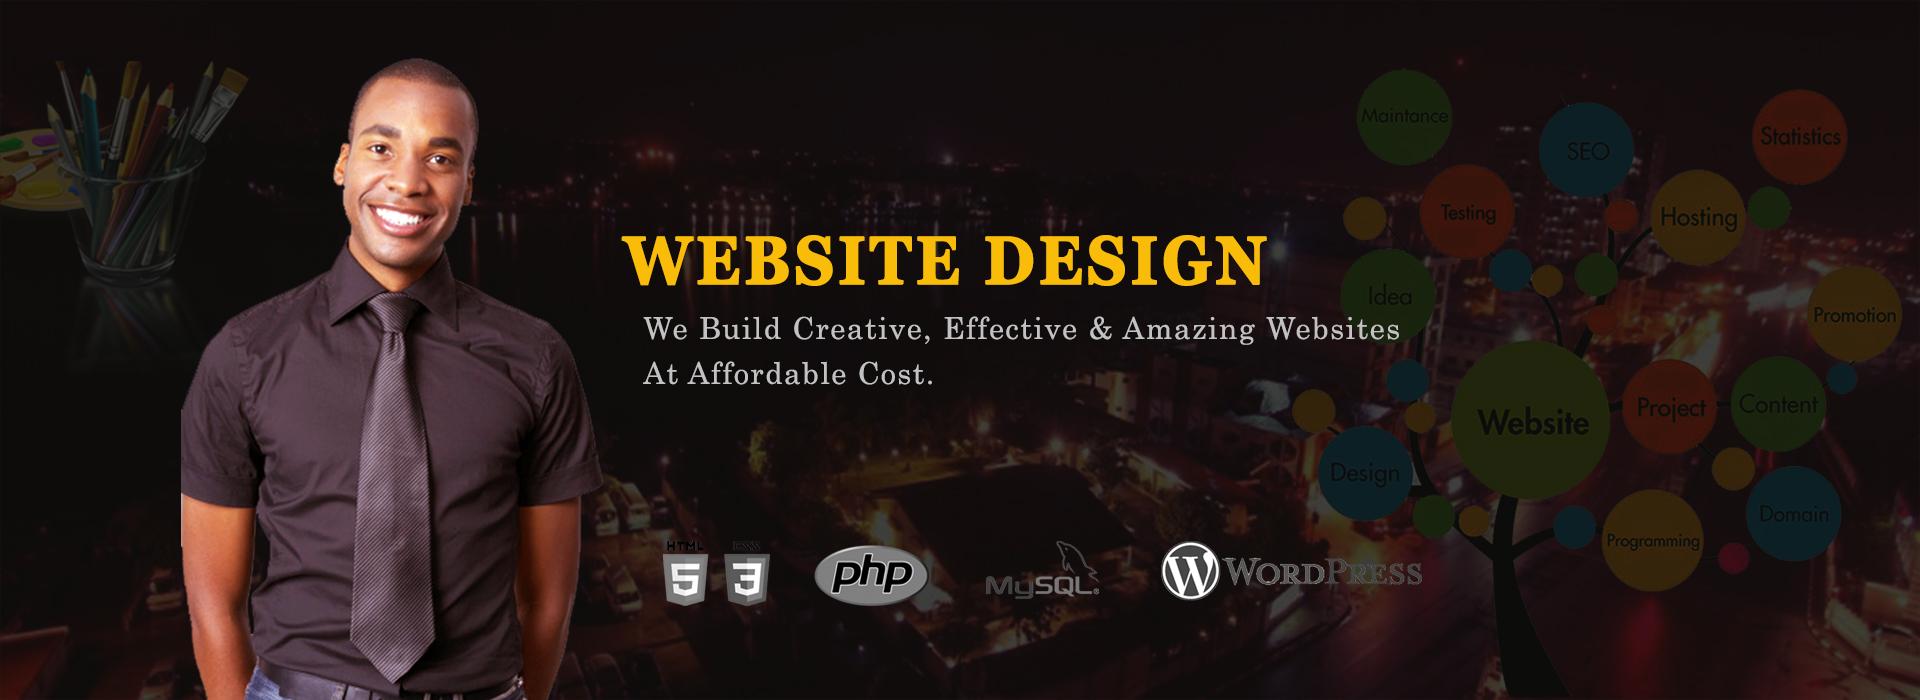 Web site designers in Lagos Nigeria